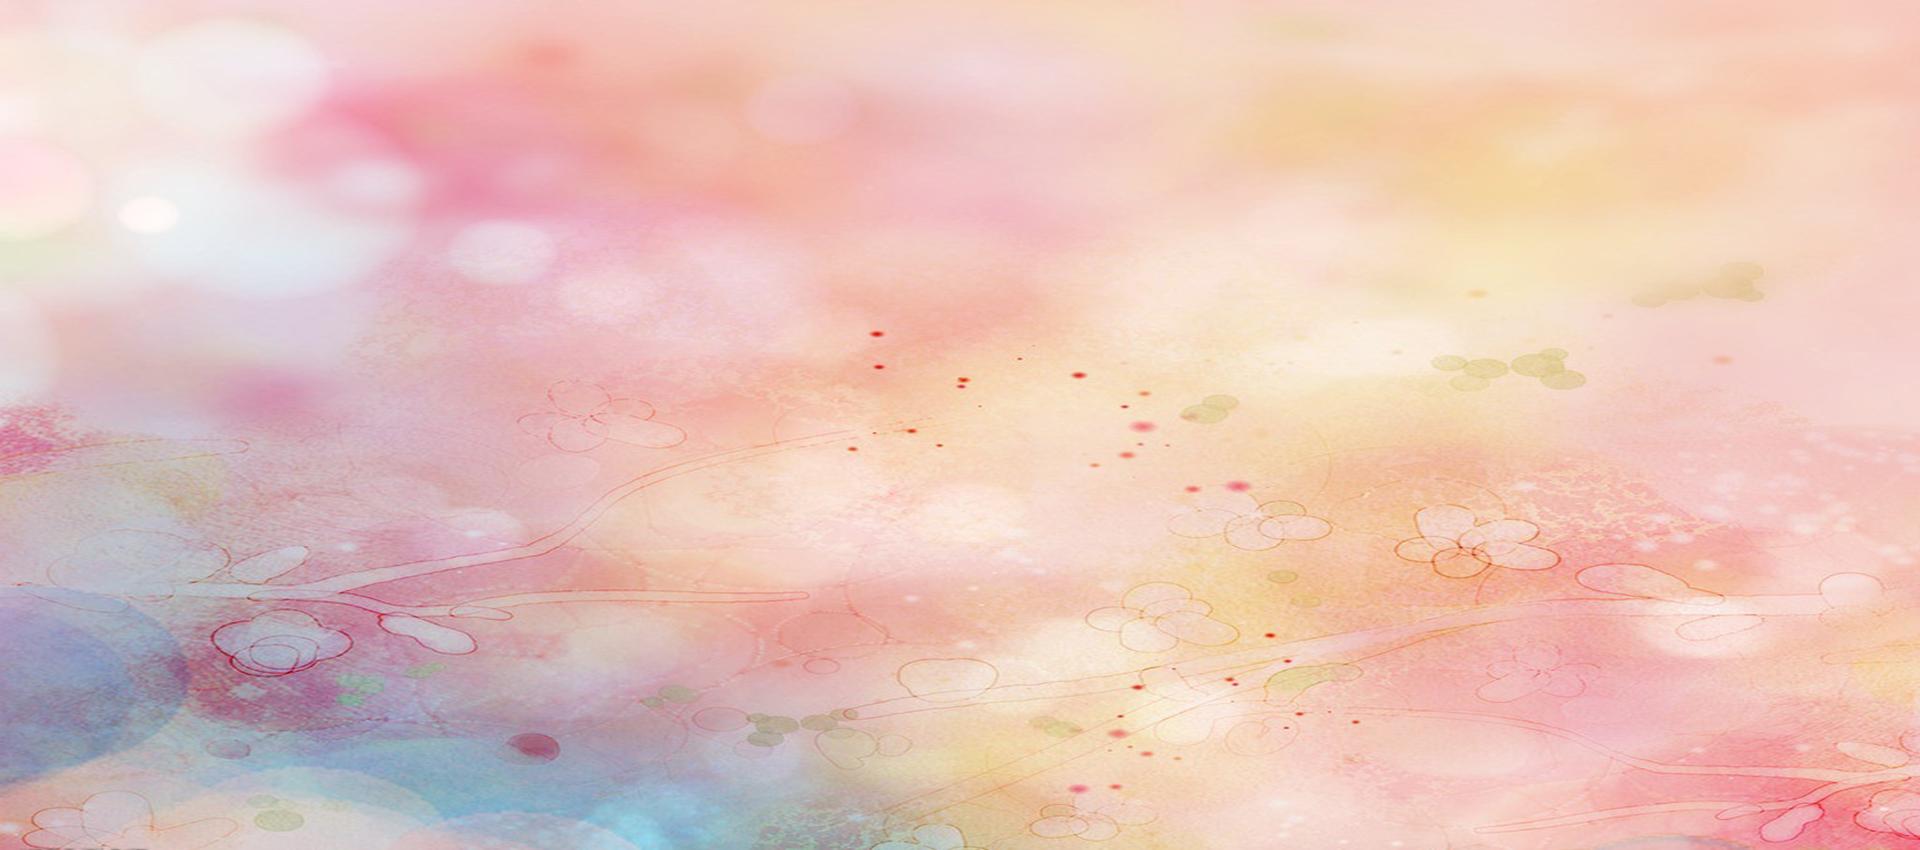 le r u00eave de fleur rose de fond  r u00eave  rose  de petites